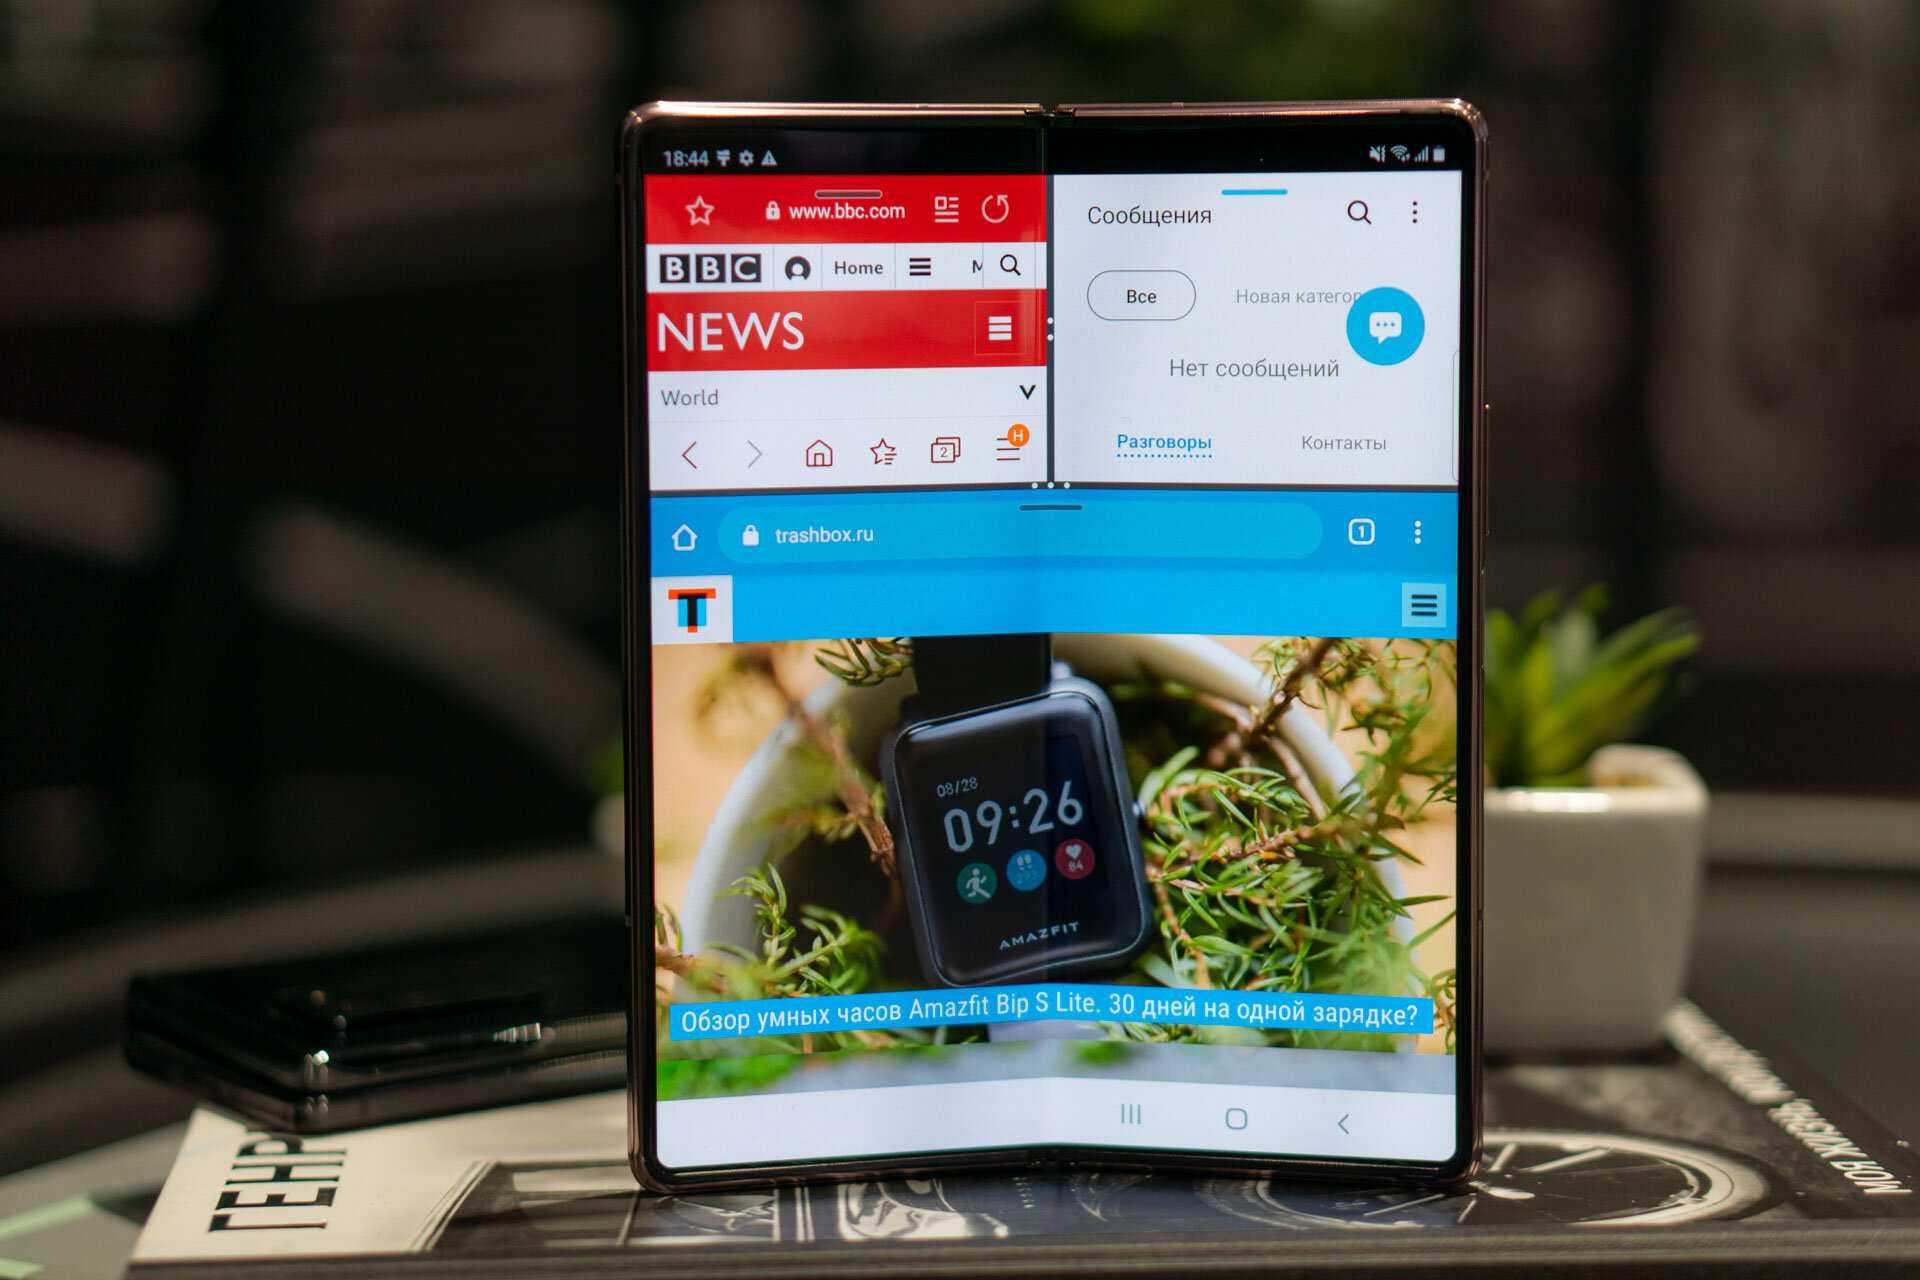 Обзор samsung galaxy z fold2: два экрана, пять камер и флагманская мощность. смартфоны. мтс/медиа